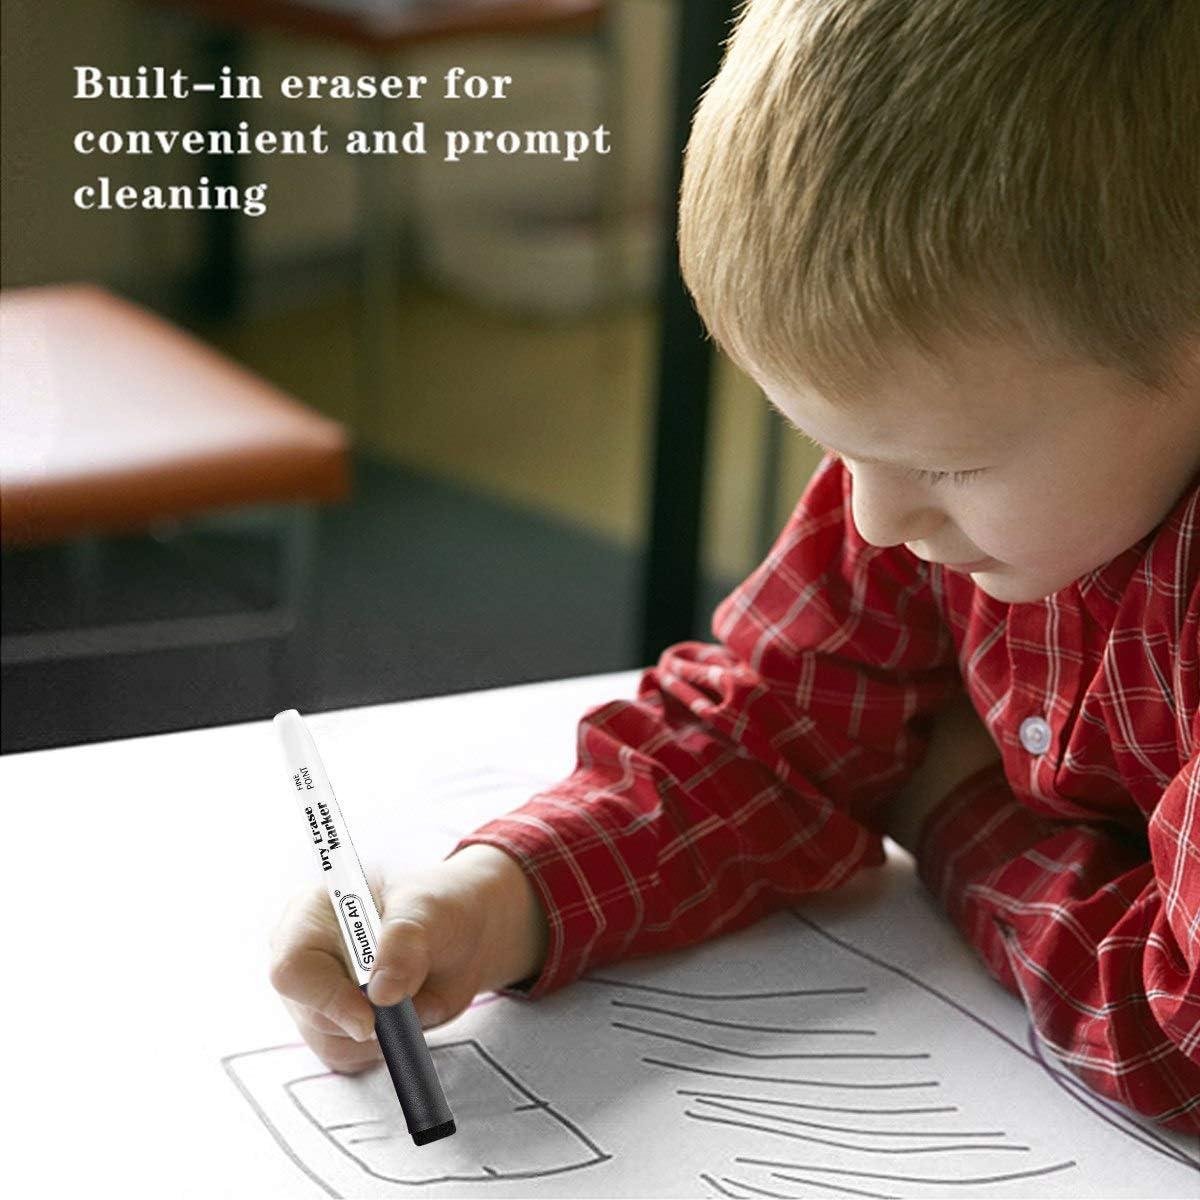 lavagne a secco specchi Pennarelli cancellabili a secco neri pennarelli magnetici per lavagna con confezione da 60 pennarelli cancellabili a secco a punta fine perfetti per scrivere su lavagne